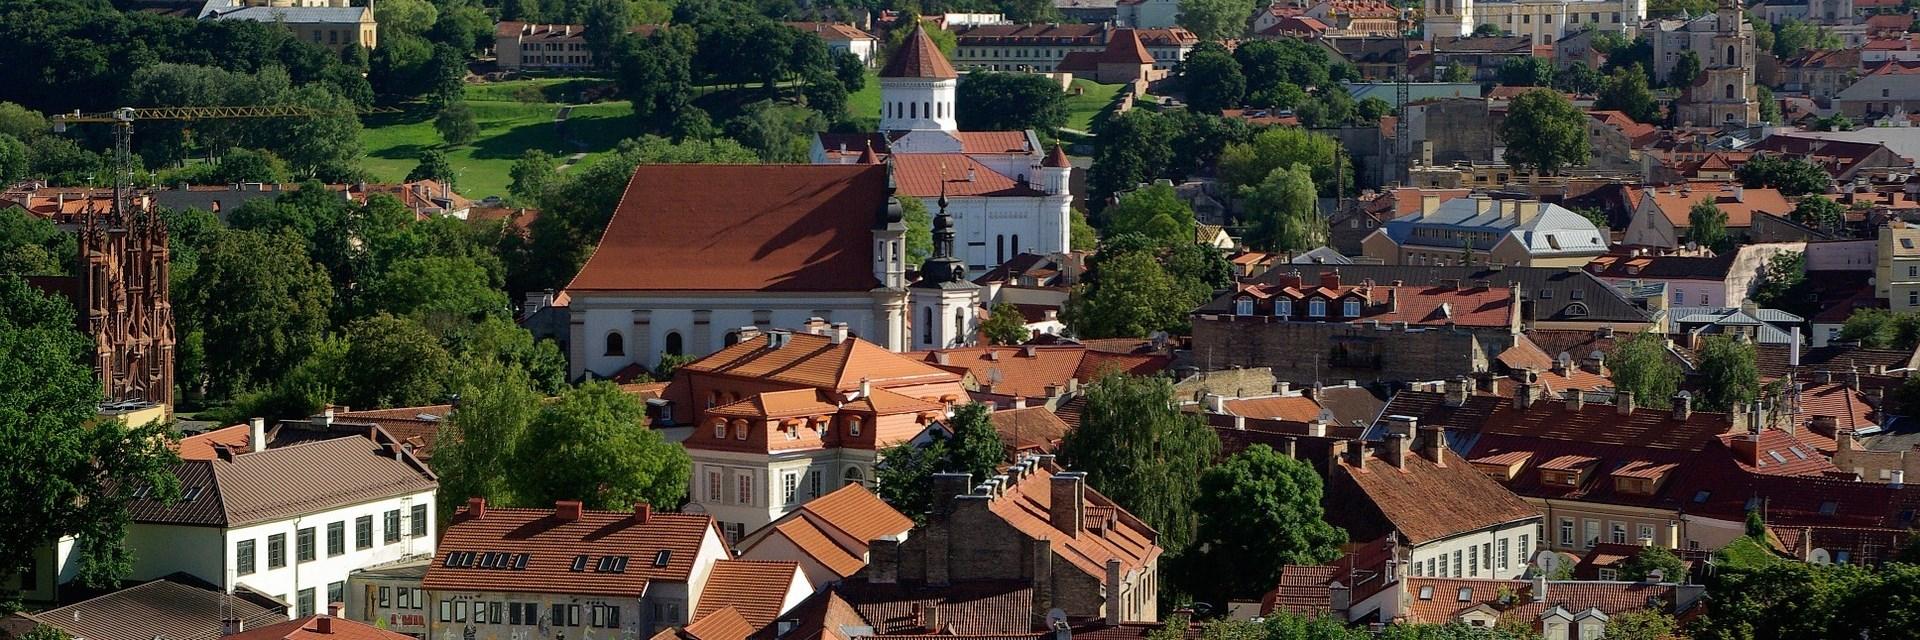 Путешествие в Вильнюс: интересные места литовской столицы